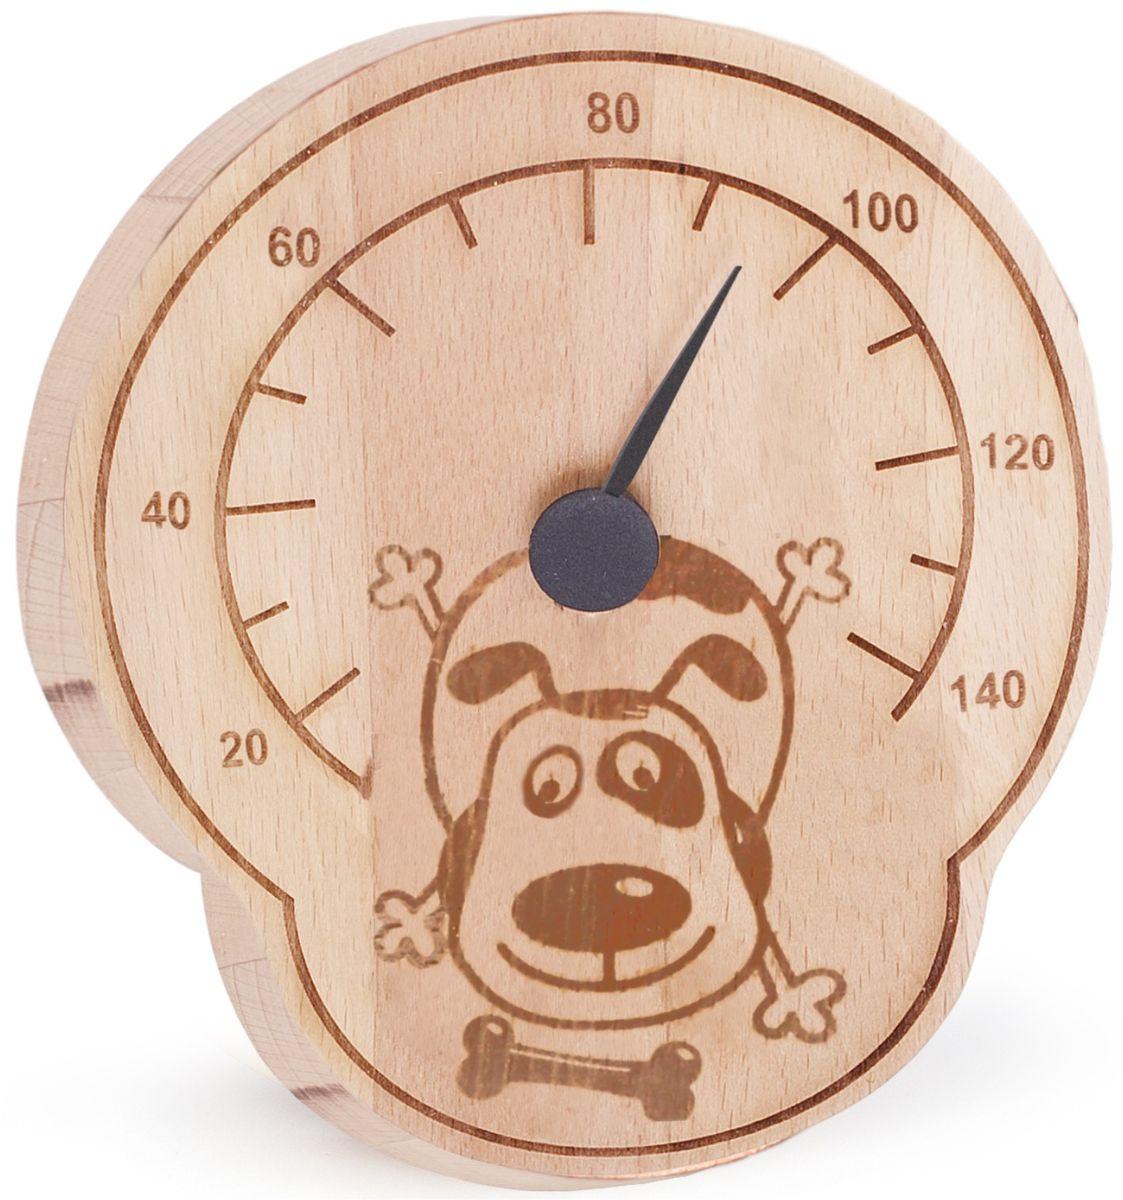 Термометр для бани и сауны Tapio (Тапио). 263Б1951Термометры серии Tapio (Тапио) выполнены из древесины бука, обладающего притягательным розоватым цветом, ее плотность прекрасно переносит перепады температуры, что увеличивает срок службы изделий. Созданные для контроля оптимальной температуры в бане и сауне, они задают стиль банного интерьера.Стрелка механизма меняет настроение озорных персонажей термометров в зависимости от температуры. Максимальная измеряемая температура - 140 градусов. Характеристики: Размер термометра: 13,5 см х 16 см. Материал: дерево, металл. Производитель: Россия. Артикул: 263.